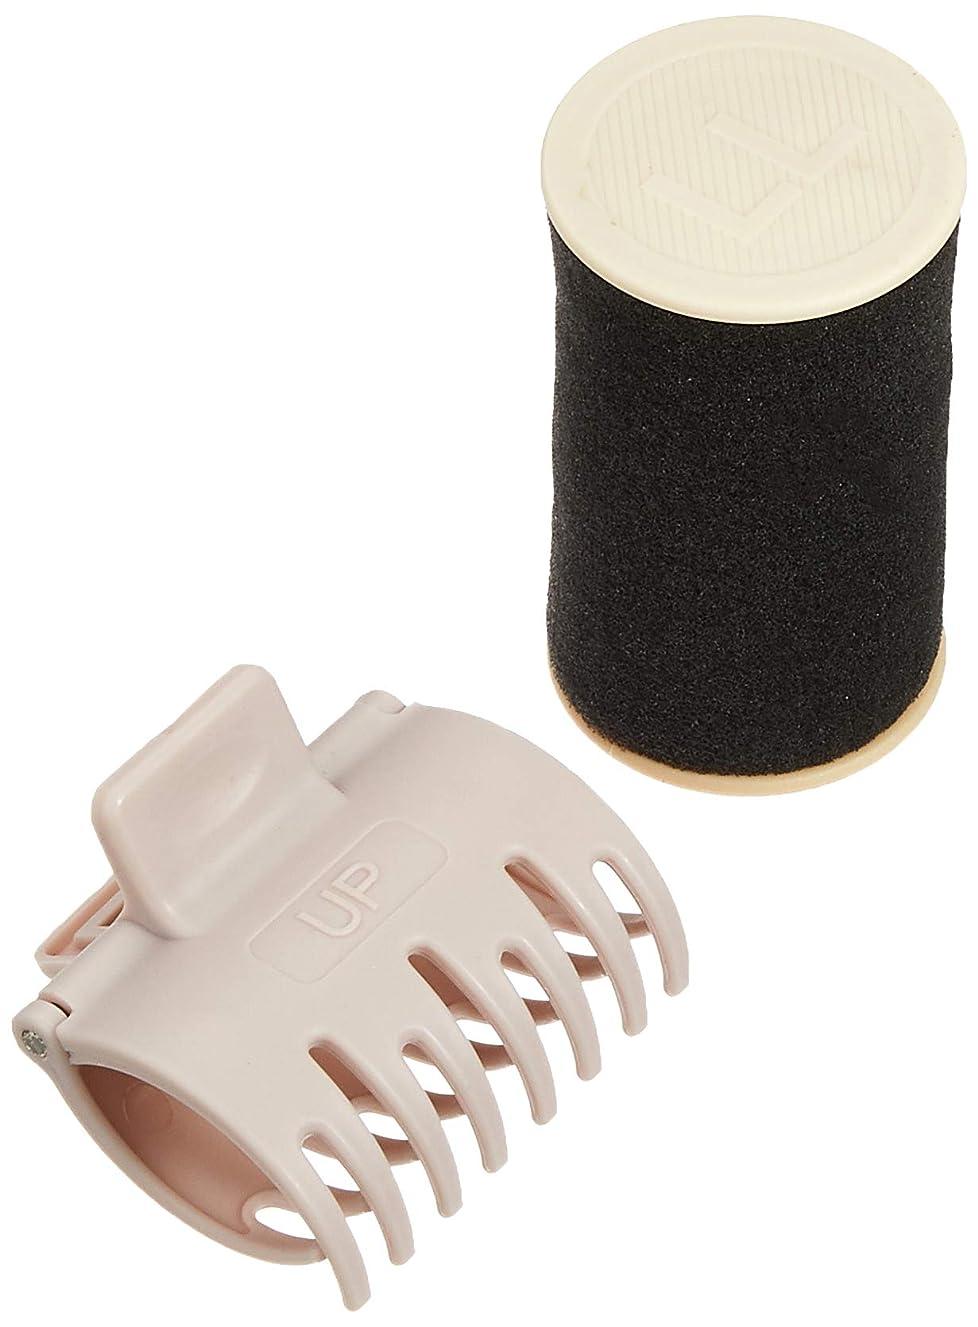 バズオープニングパースブラックボロウビナールプチ モイスチャーカーラー専用カーラー LLサイズ4本セット(クリップ付き)